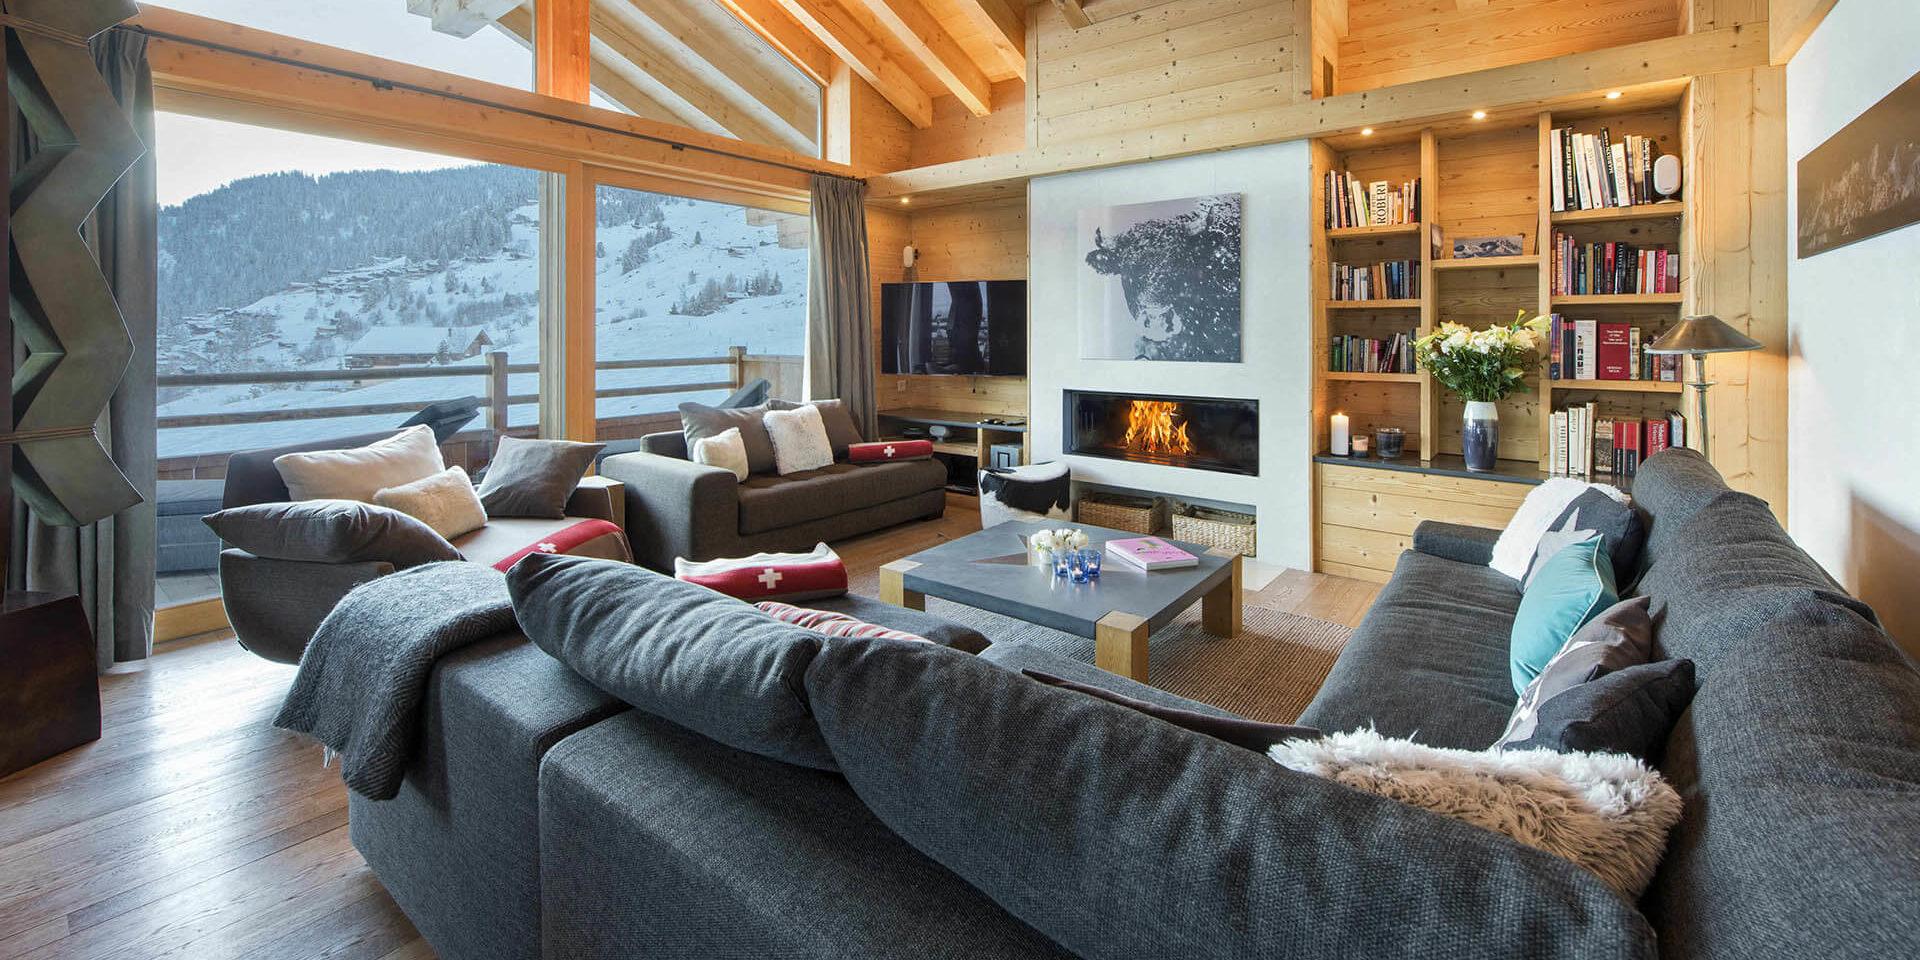 Chalet Rock Verbier Les 4 Vallees Zwitserland wintersport skivakantie luxe hoekbank kussens open haard schilderij koe TV fauteuils boeken hout uitzicht sneeuw besneeuwde bomen bergen